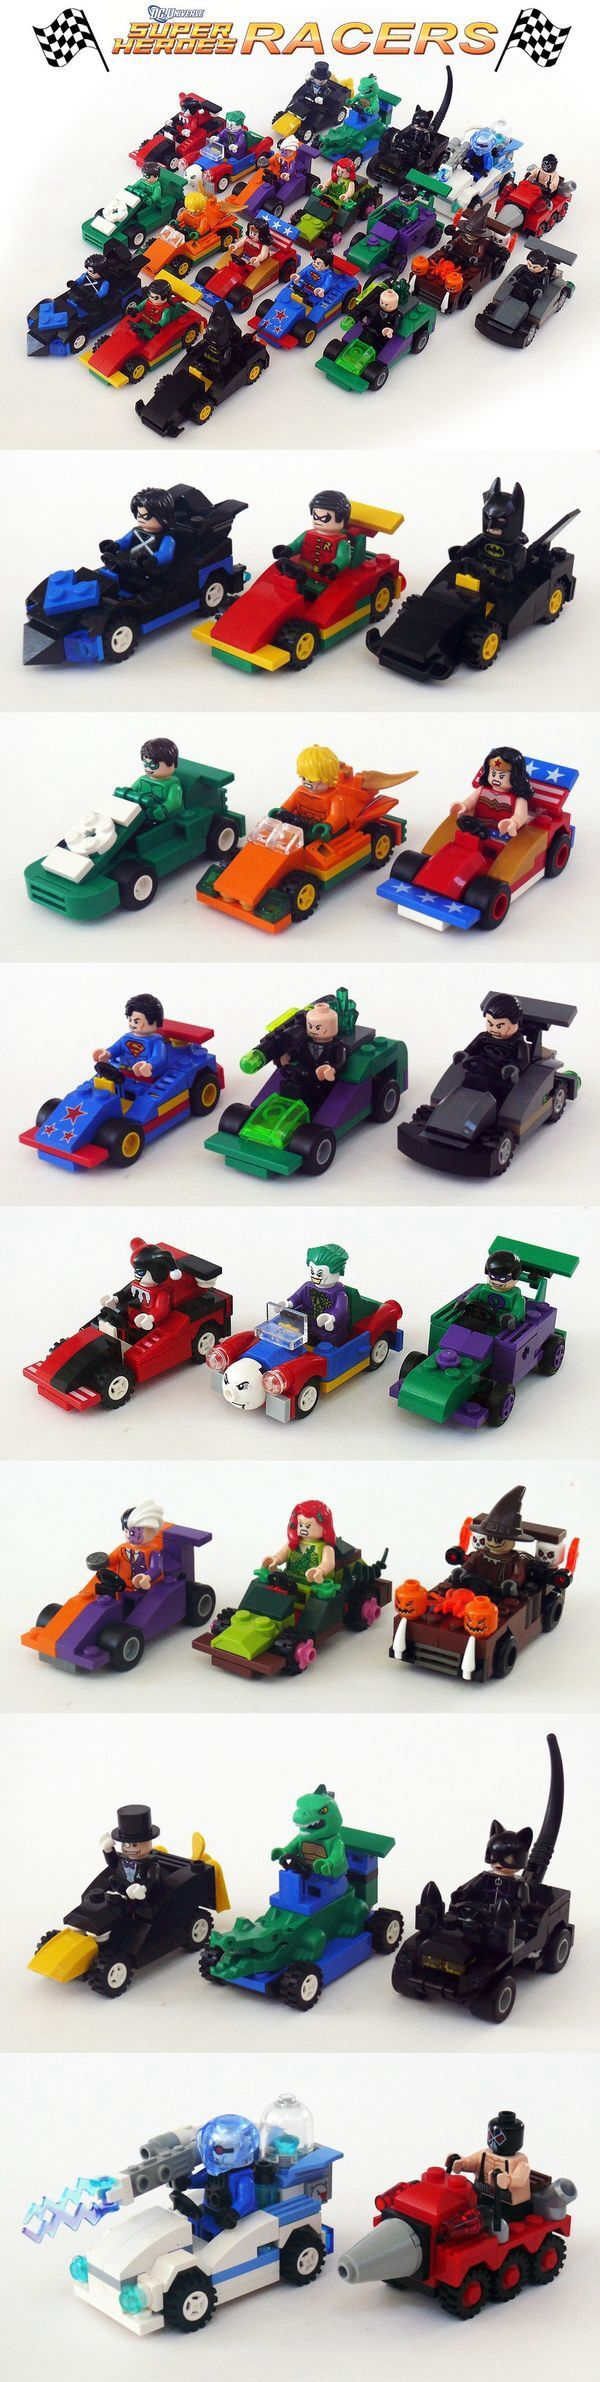 18 besten lego city bilder auf pinterest legos samu und - Playmobil samu ...